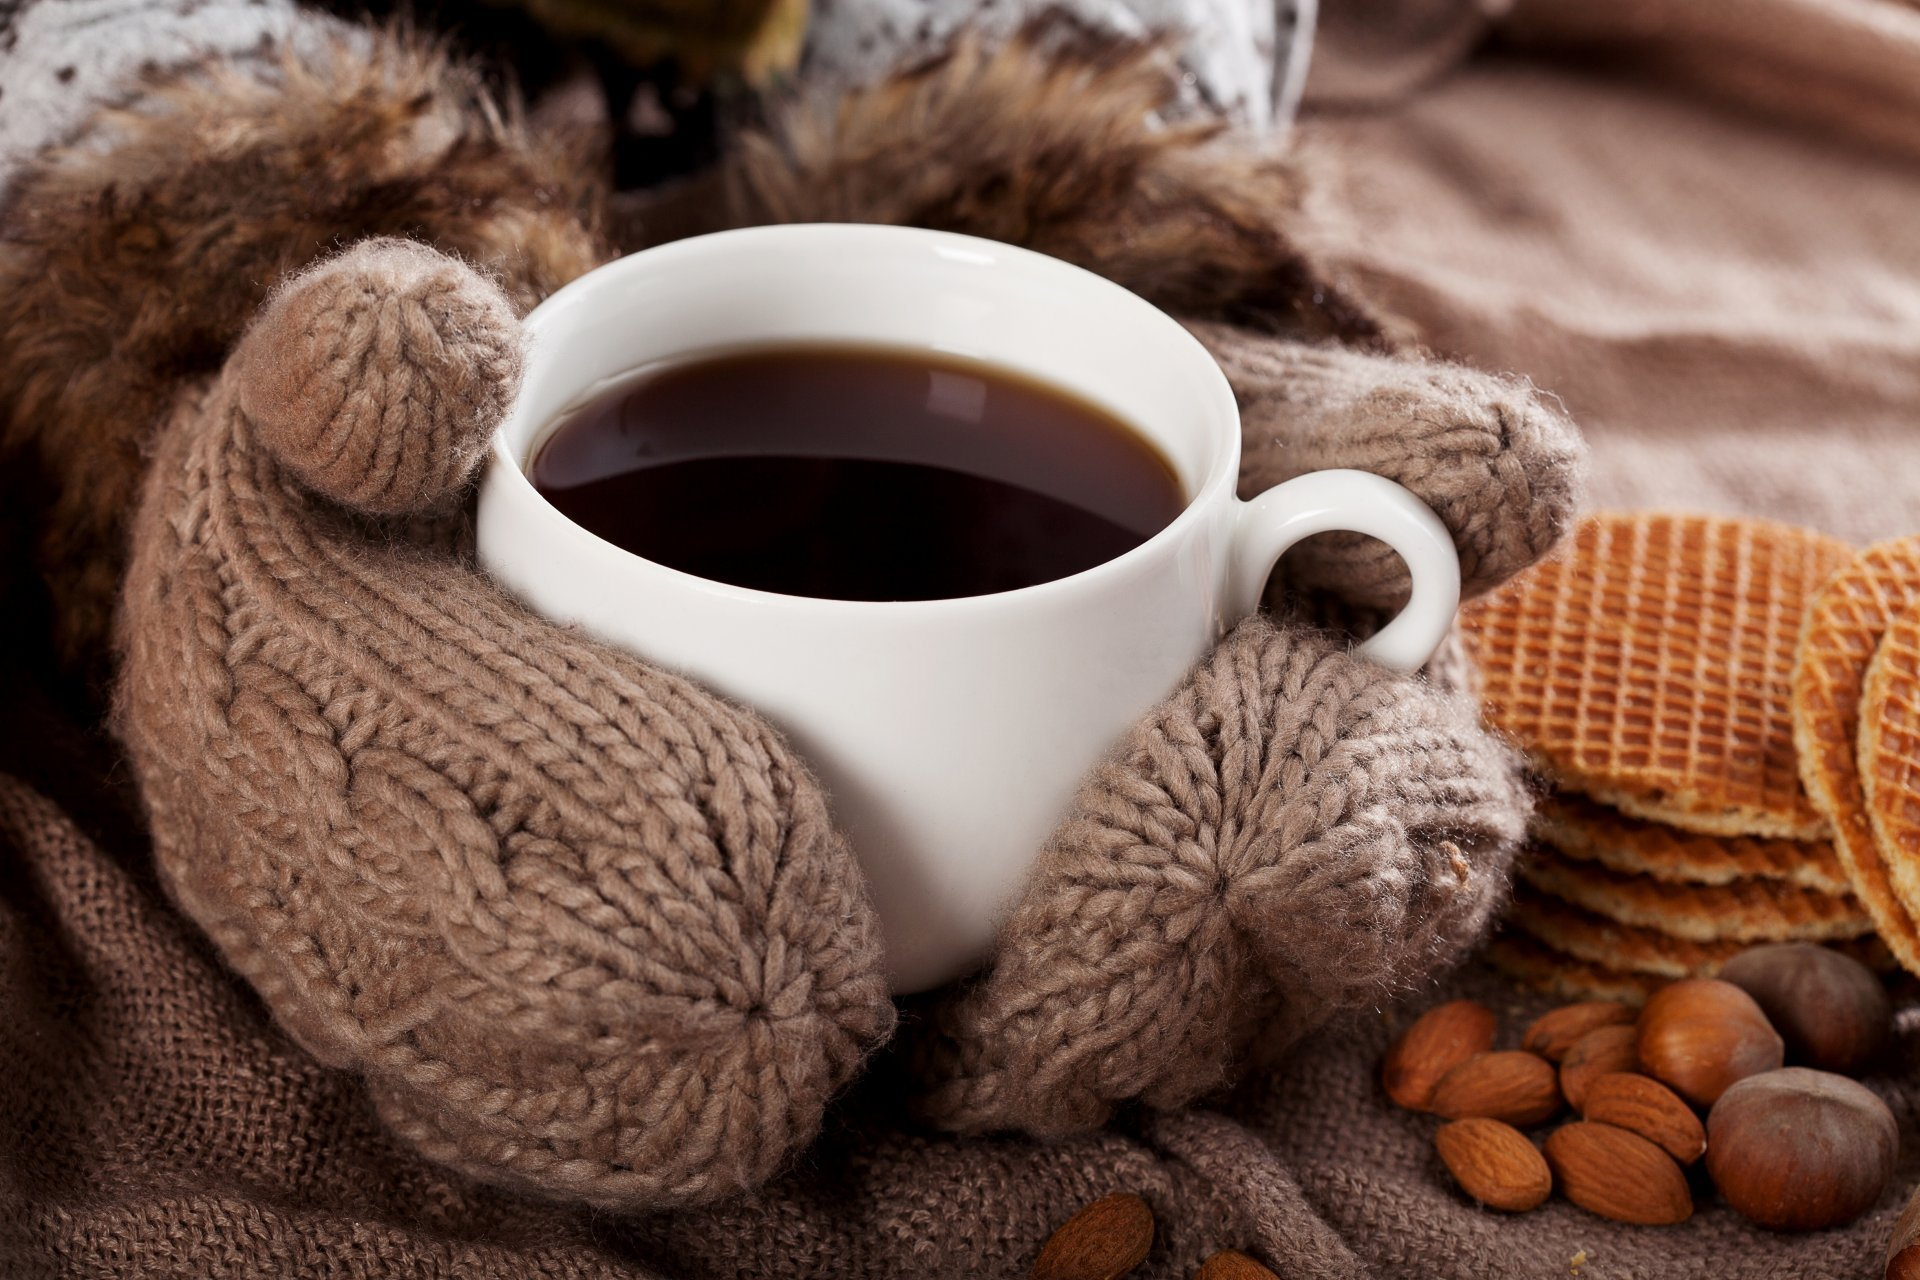 что ничего открытки с чашкой кофе и чаем сені жа?сы